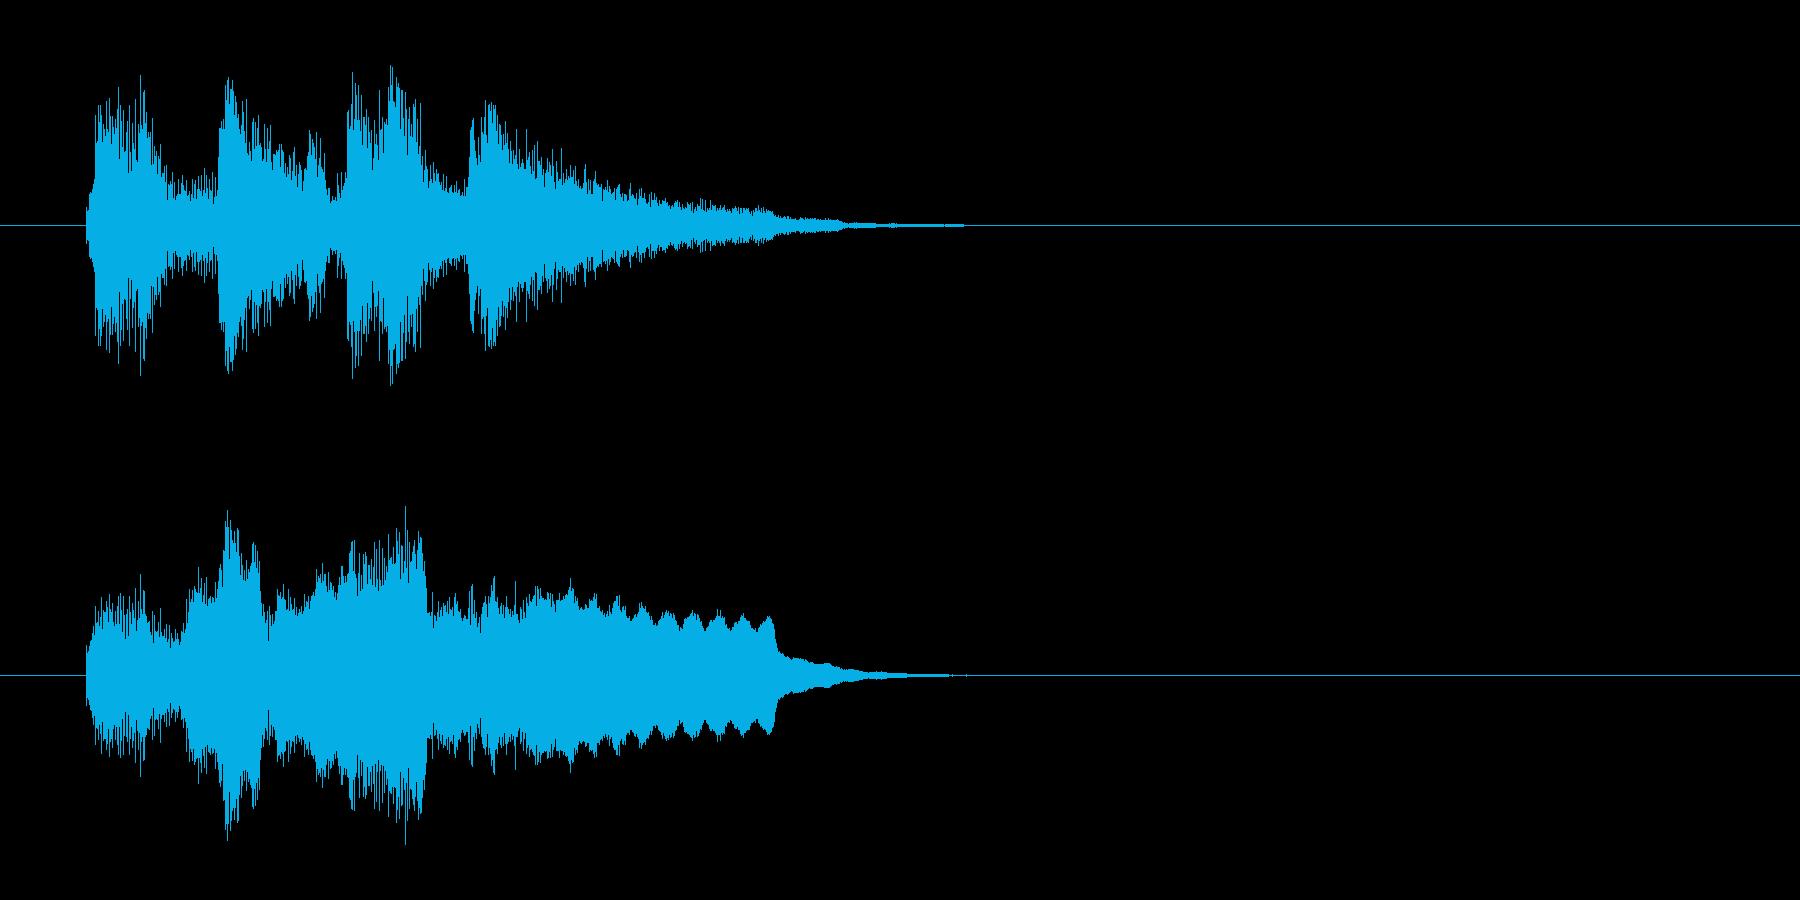 コーナー・エンド風アコースティックの曲の再生済みの波形